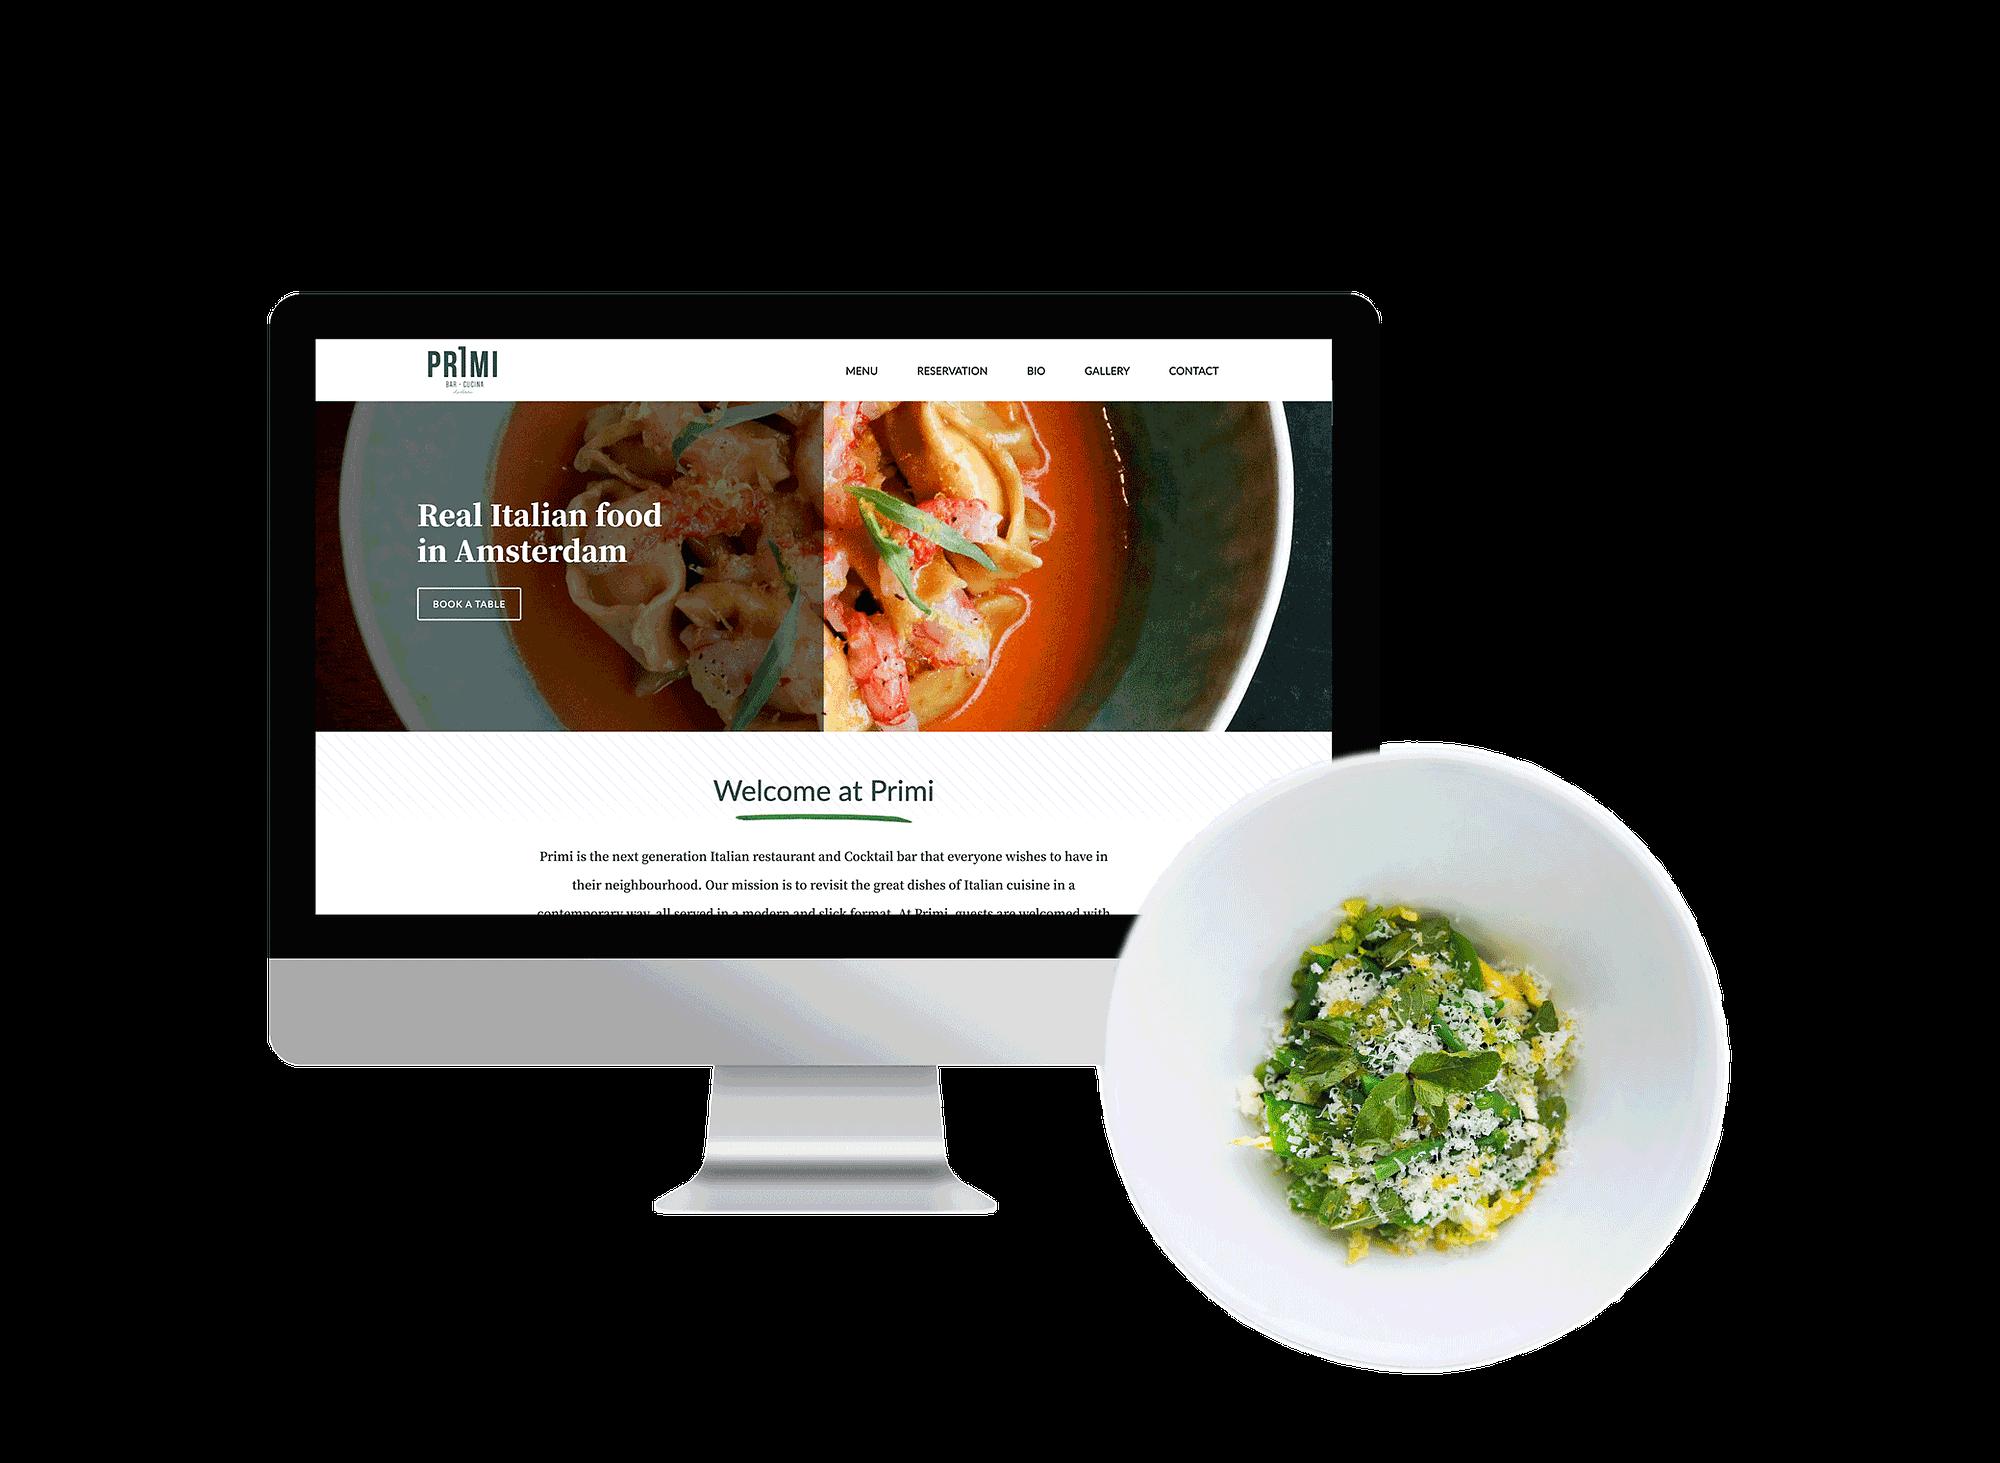 iMac met de Primi Amsterdam homepagina naast een bord met een gerecht